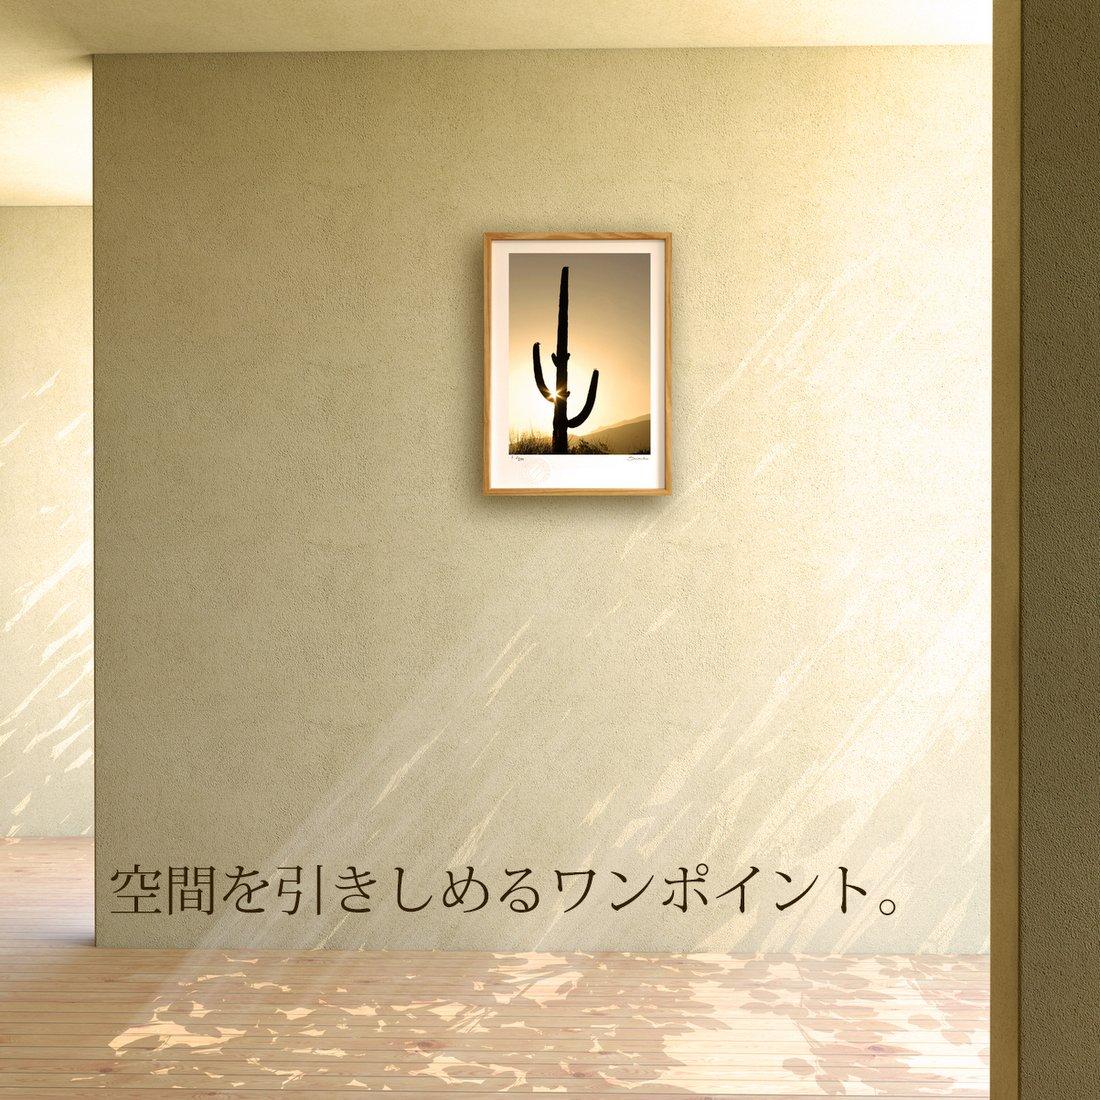 【版画 絵画】ミツバチと桜(スミコ スコット)/インテリア 壁掛け 額入り アート アートパネル アートフレーム